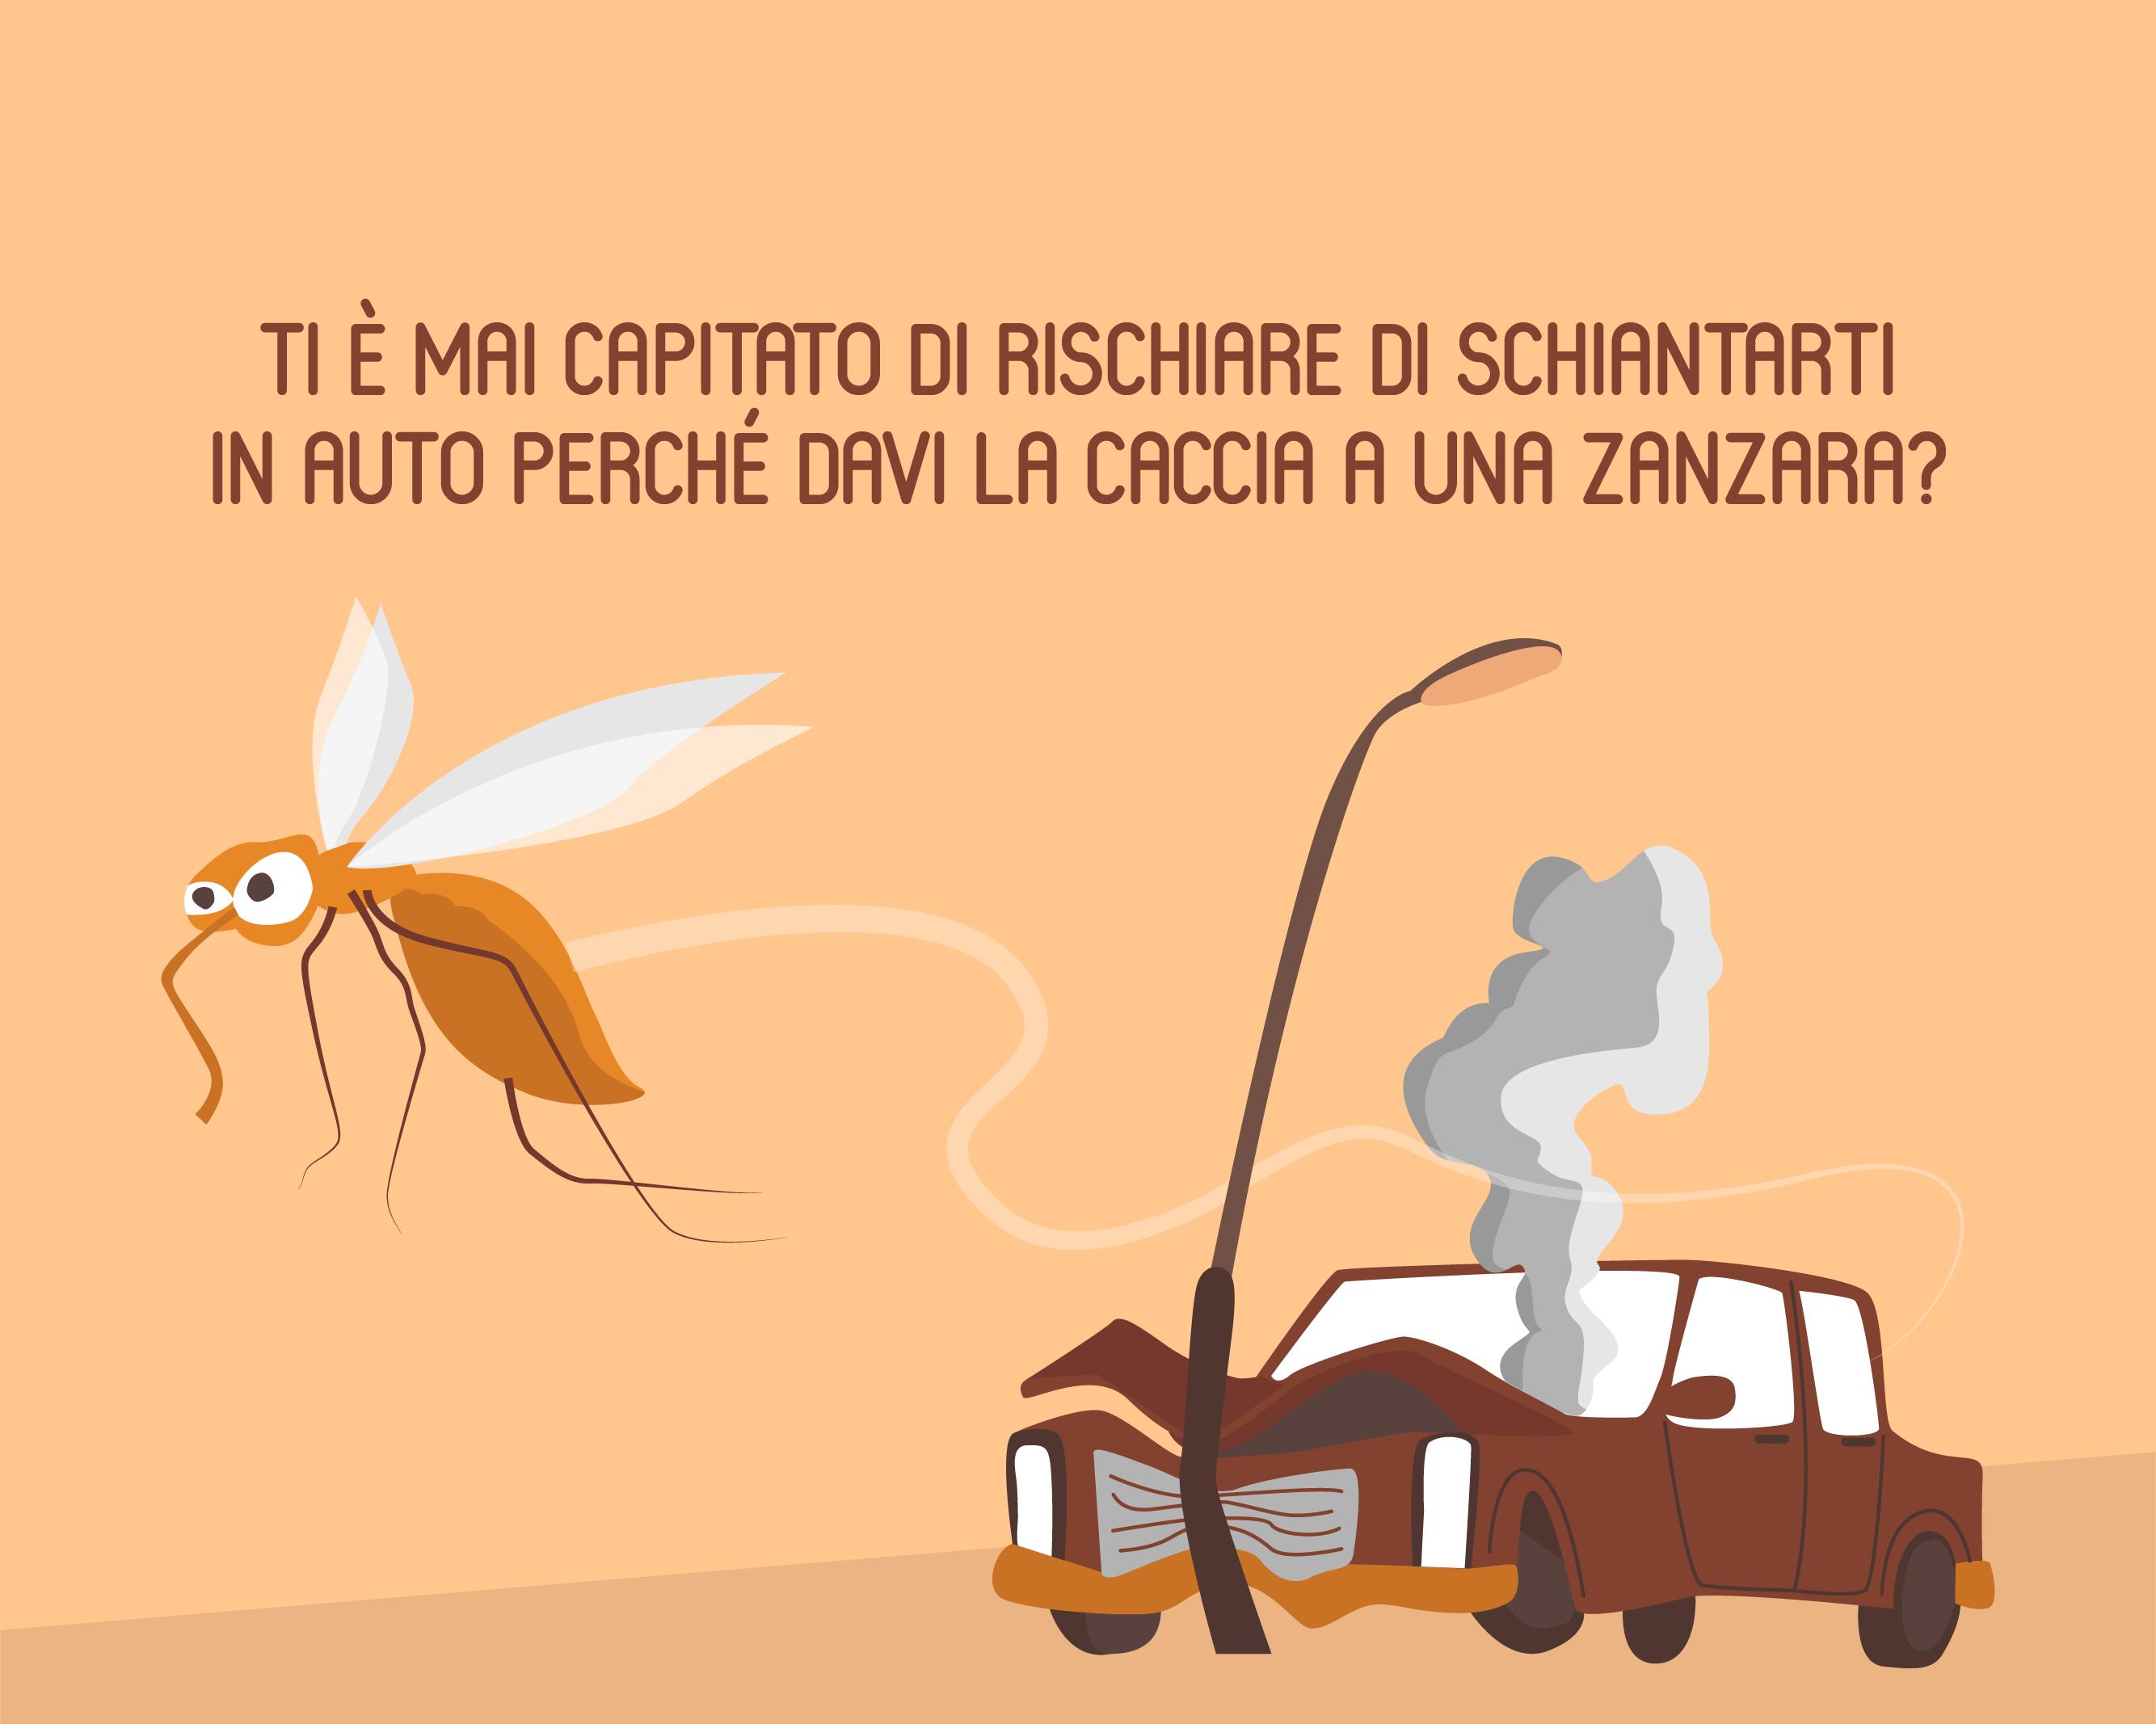 Non sbandare per una zanzara!